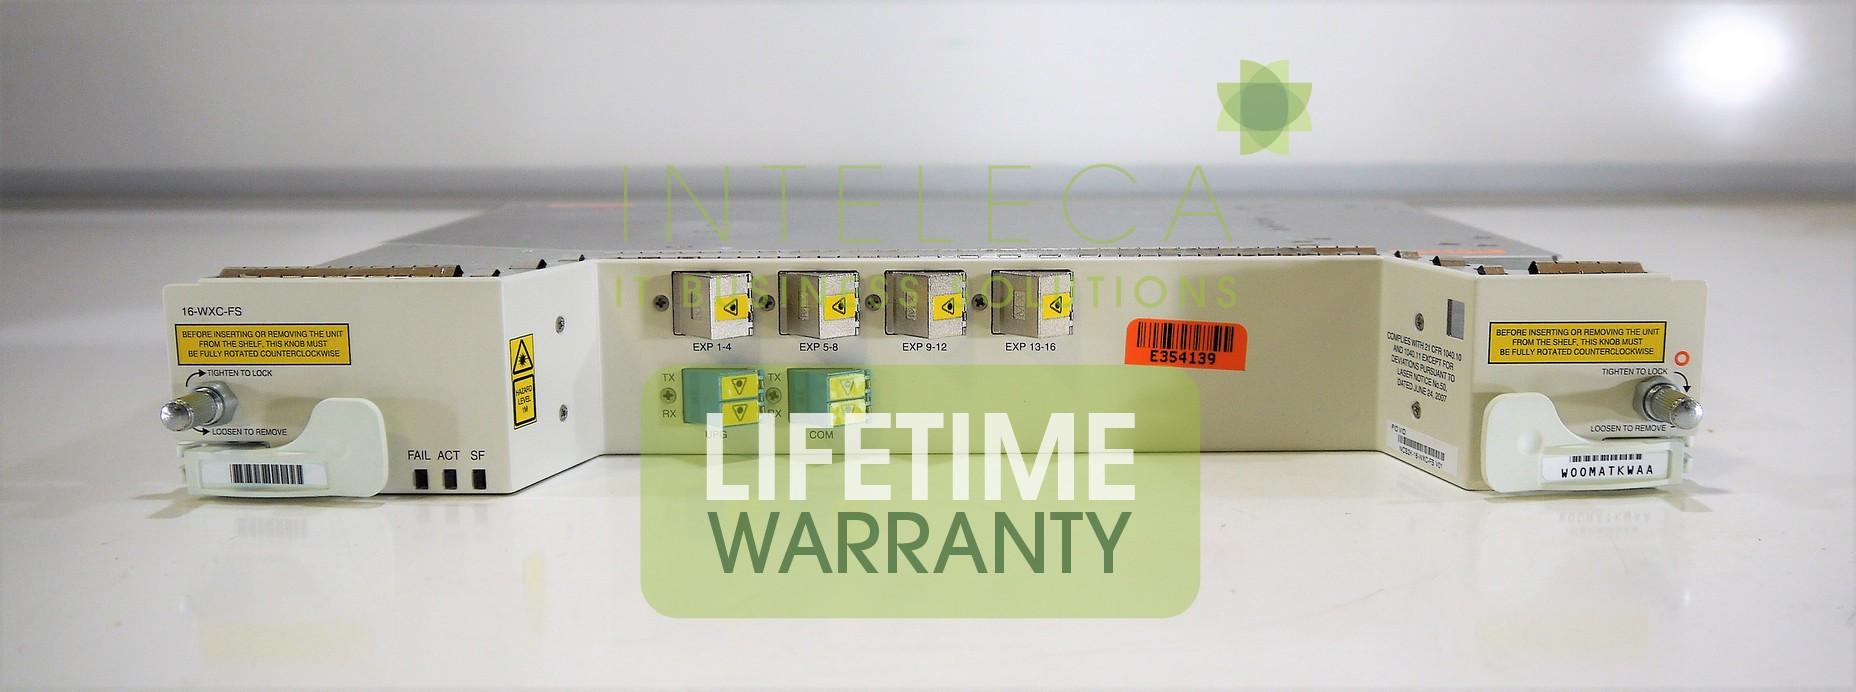 Details about CISCO NCS2K-16-WXC-FS 16-ports Wavelength X-Connect and  Mux/Demux - Flex Spectr